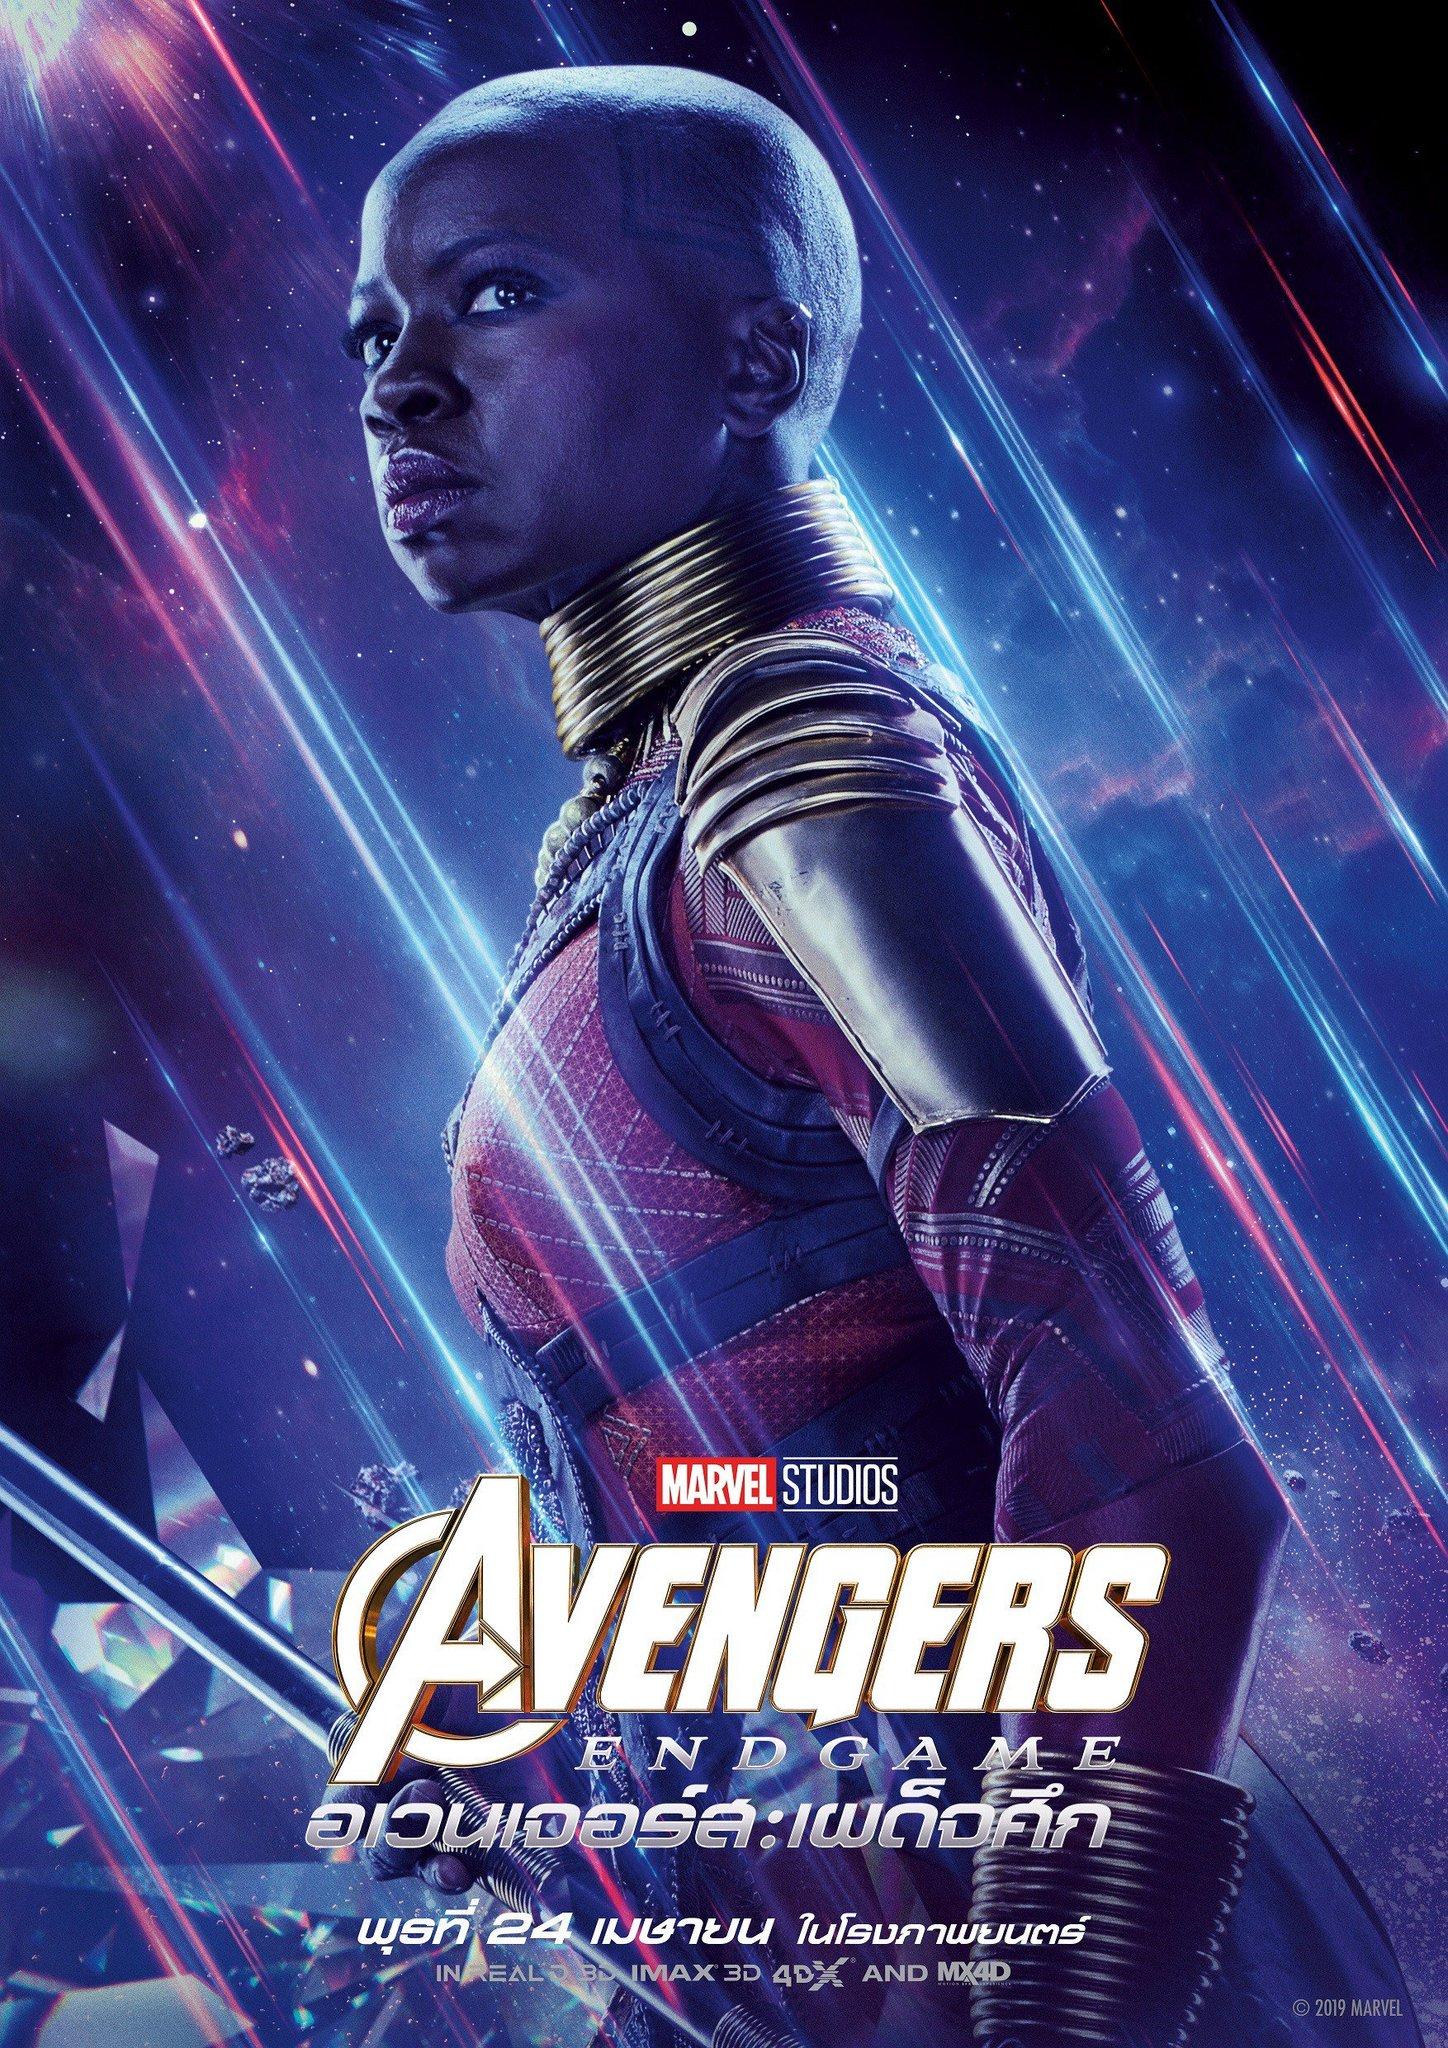 Best Avengers Endgame Poster Yet Revealed On The Cover Of Marvel S